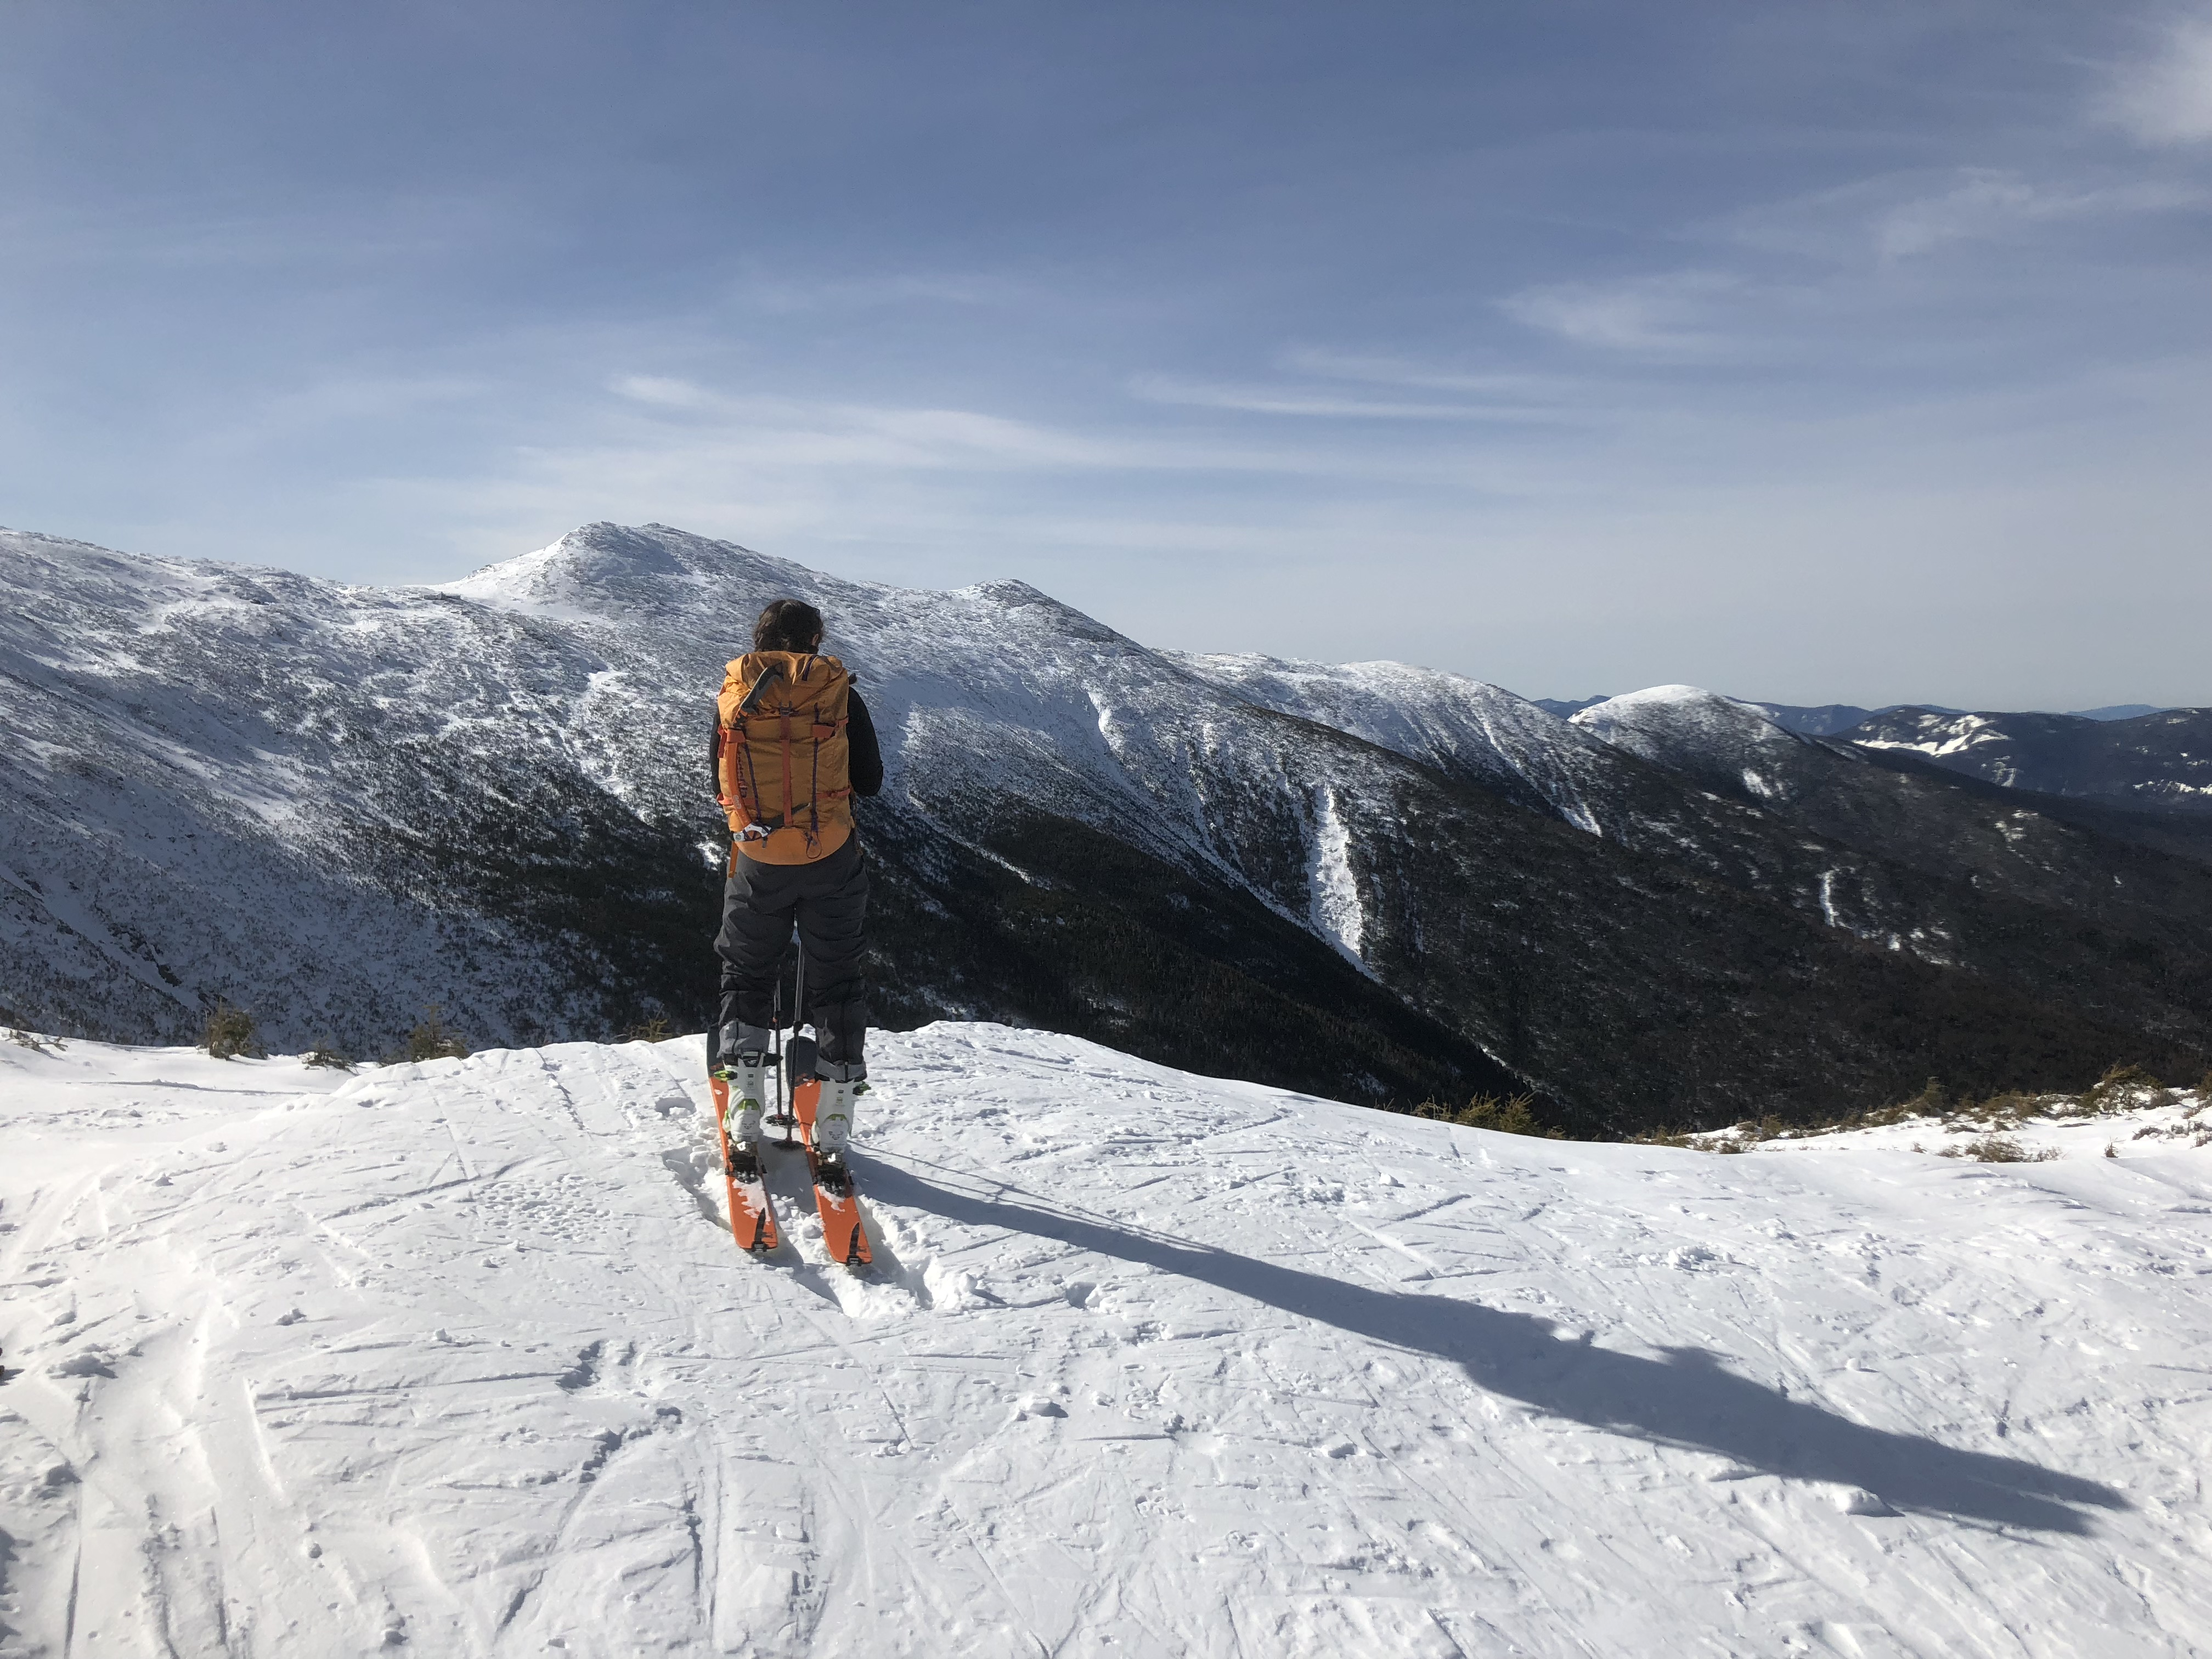 Backcountry Skiing Mount Washington